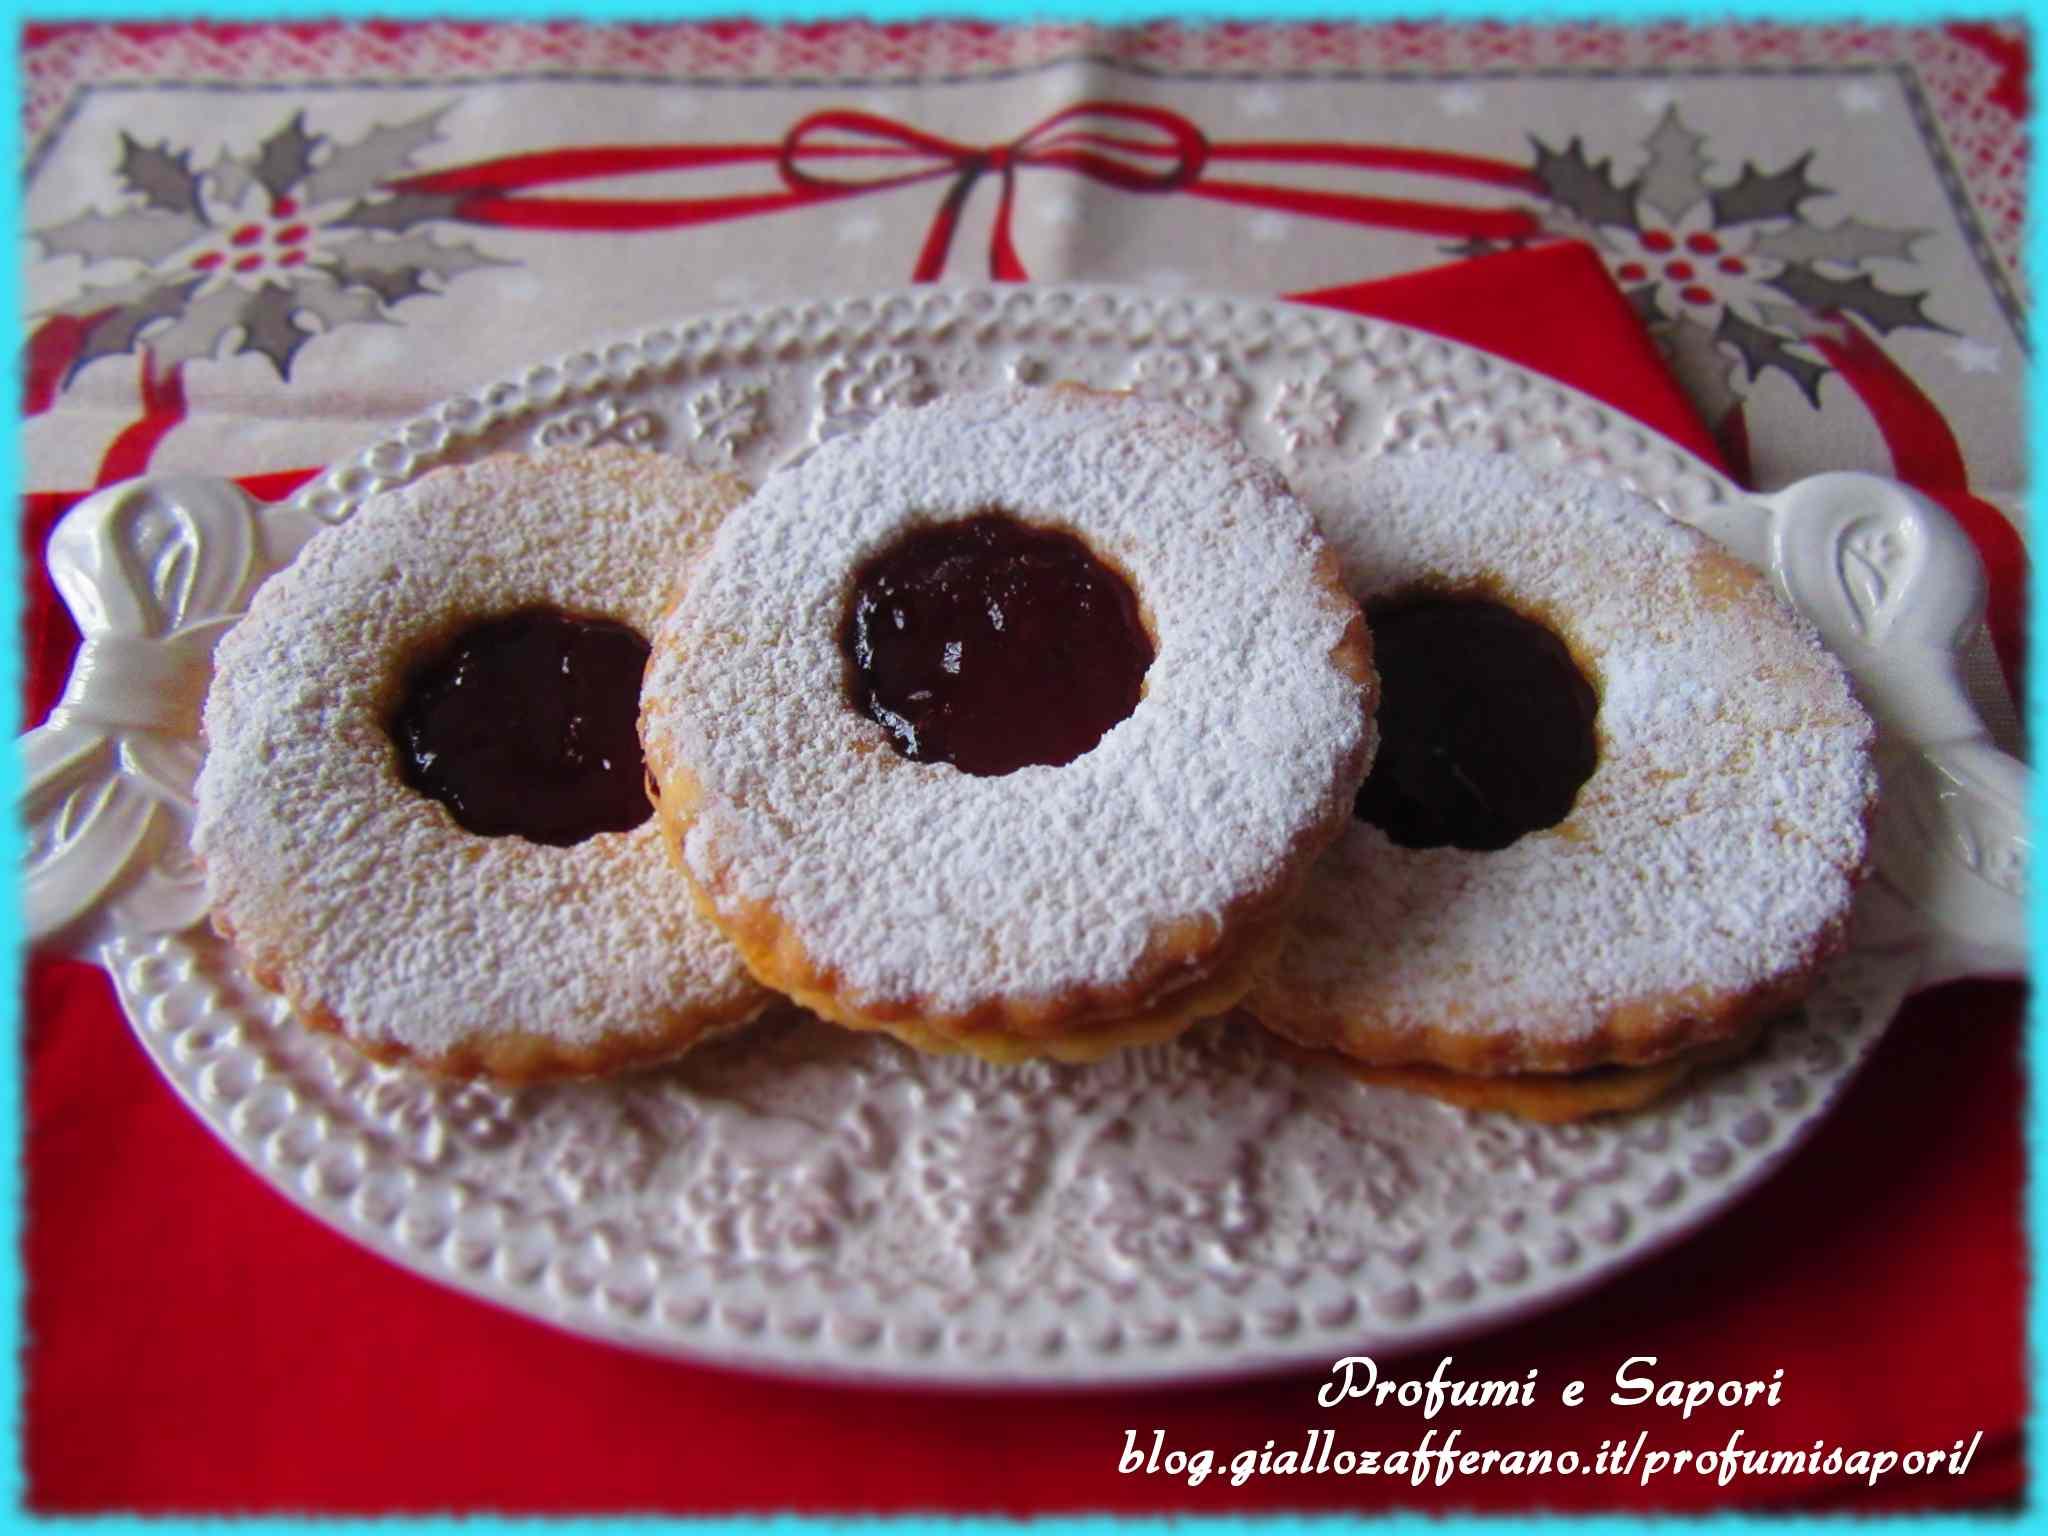 Biscotti occhio di bue alla marmellata